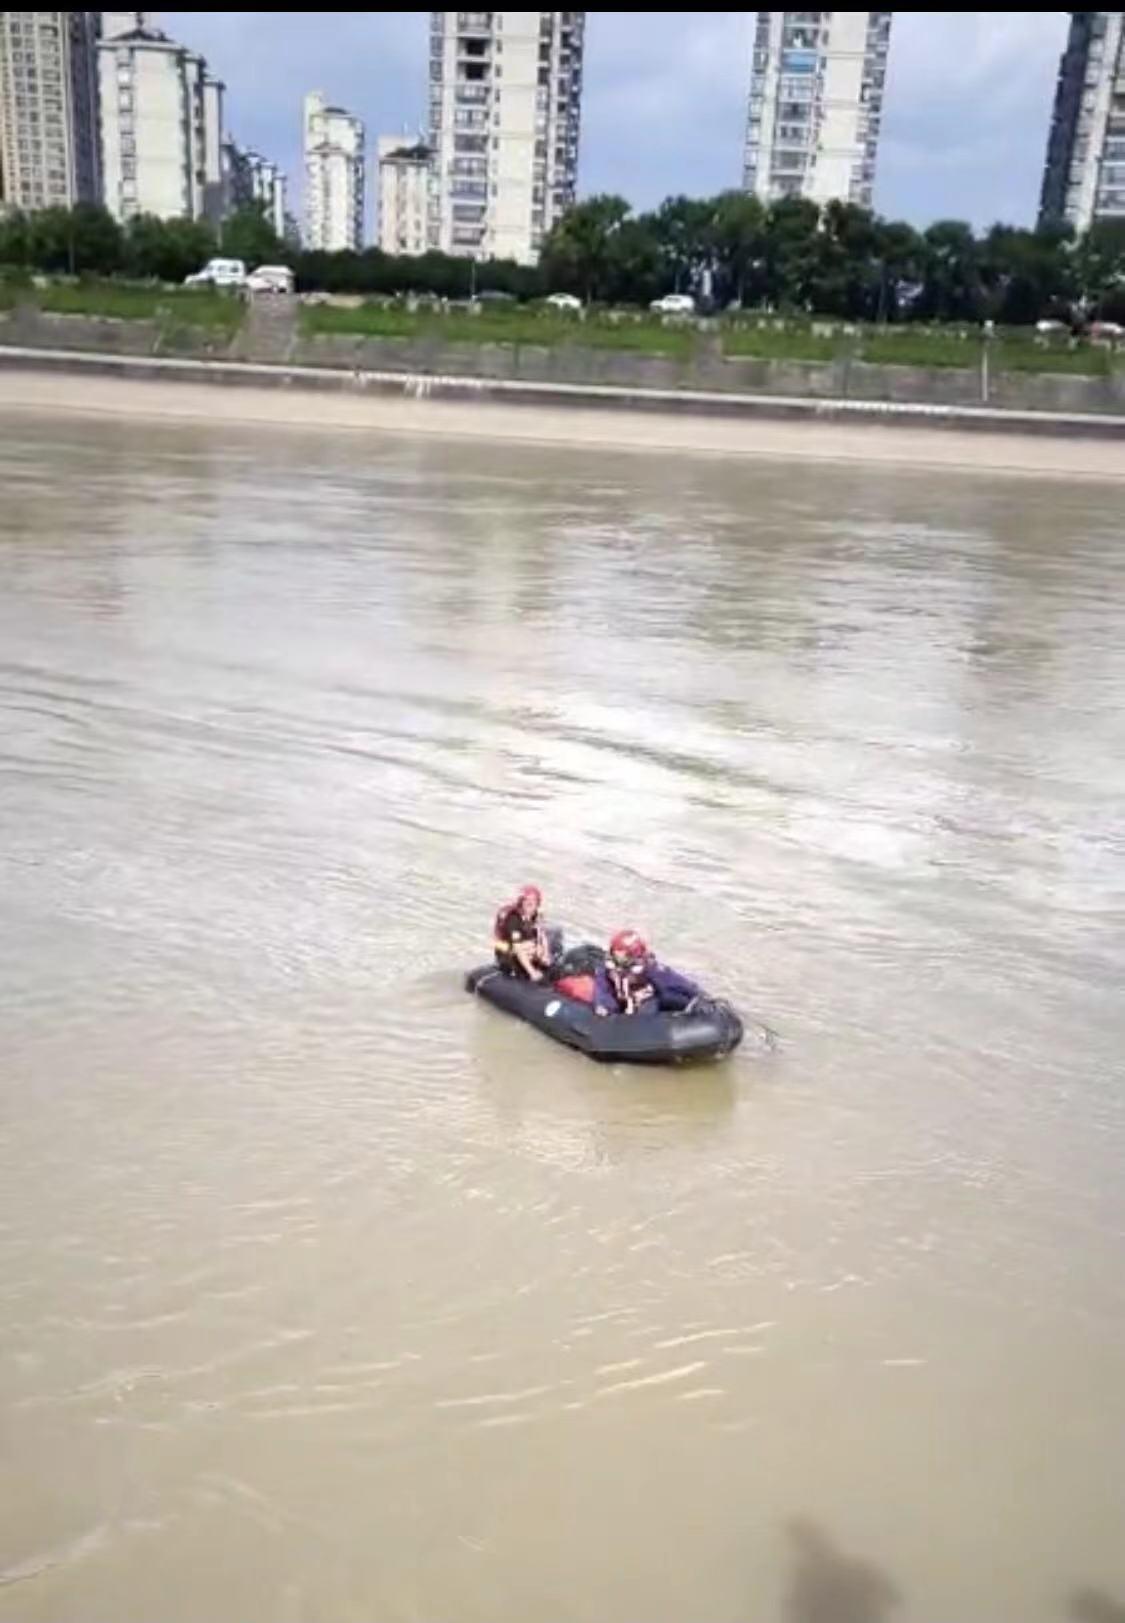 廊桥有小孩落水:警告不要单独让小孩子在江边玩!